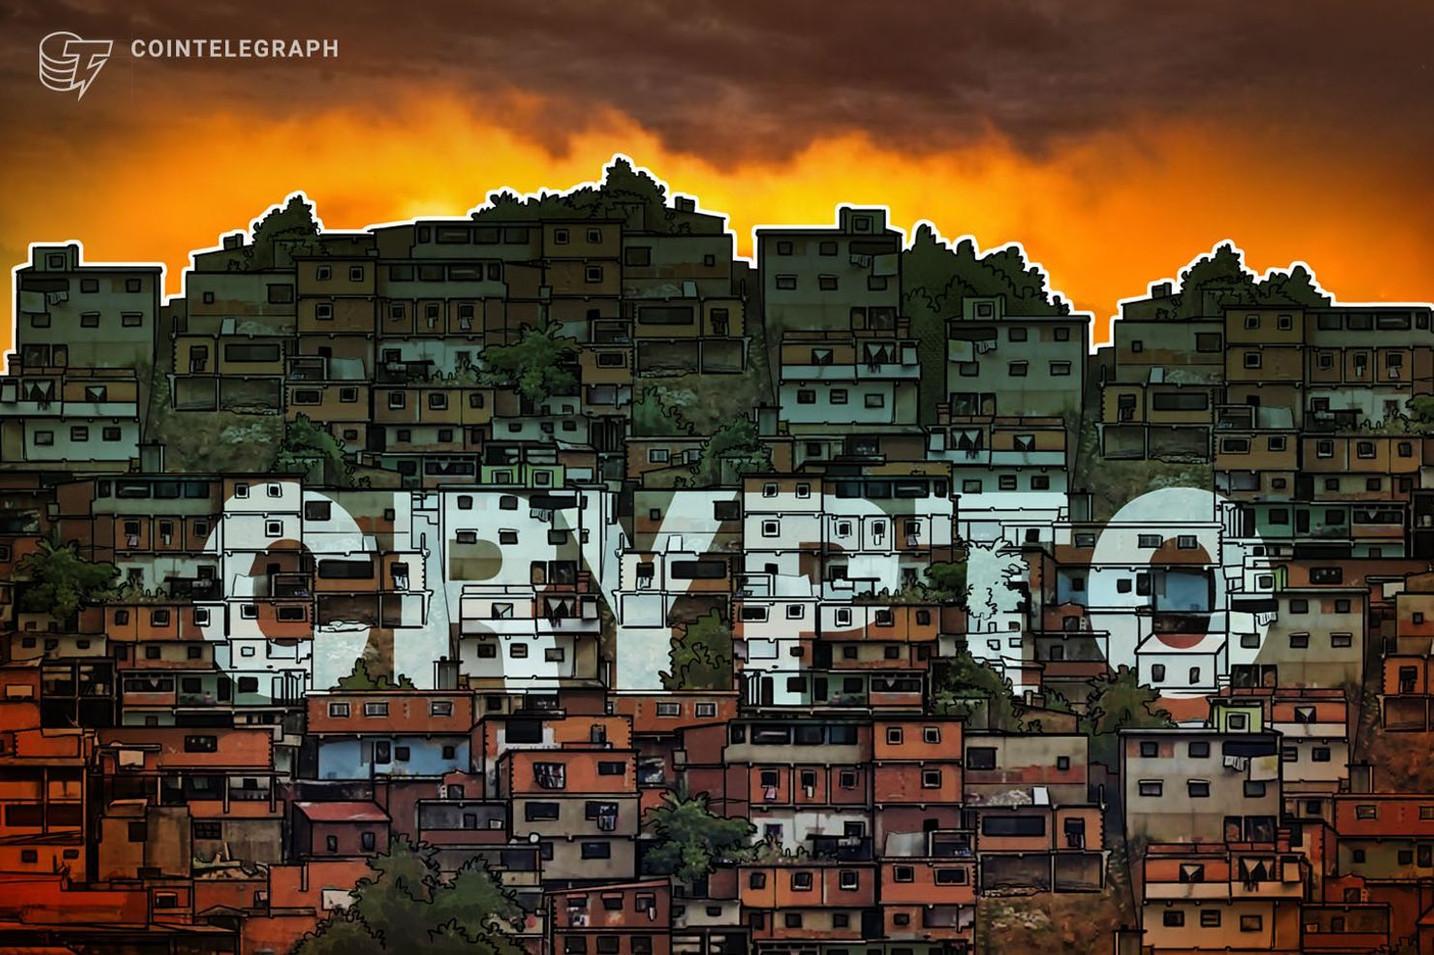 ビットコインが頼みの綱か ベネズエラ大統領が新たな仮想通貨決済開始を宣言、経済制裁に対抗